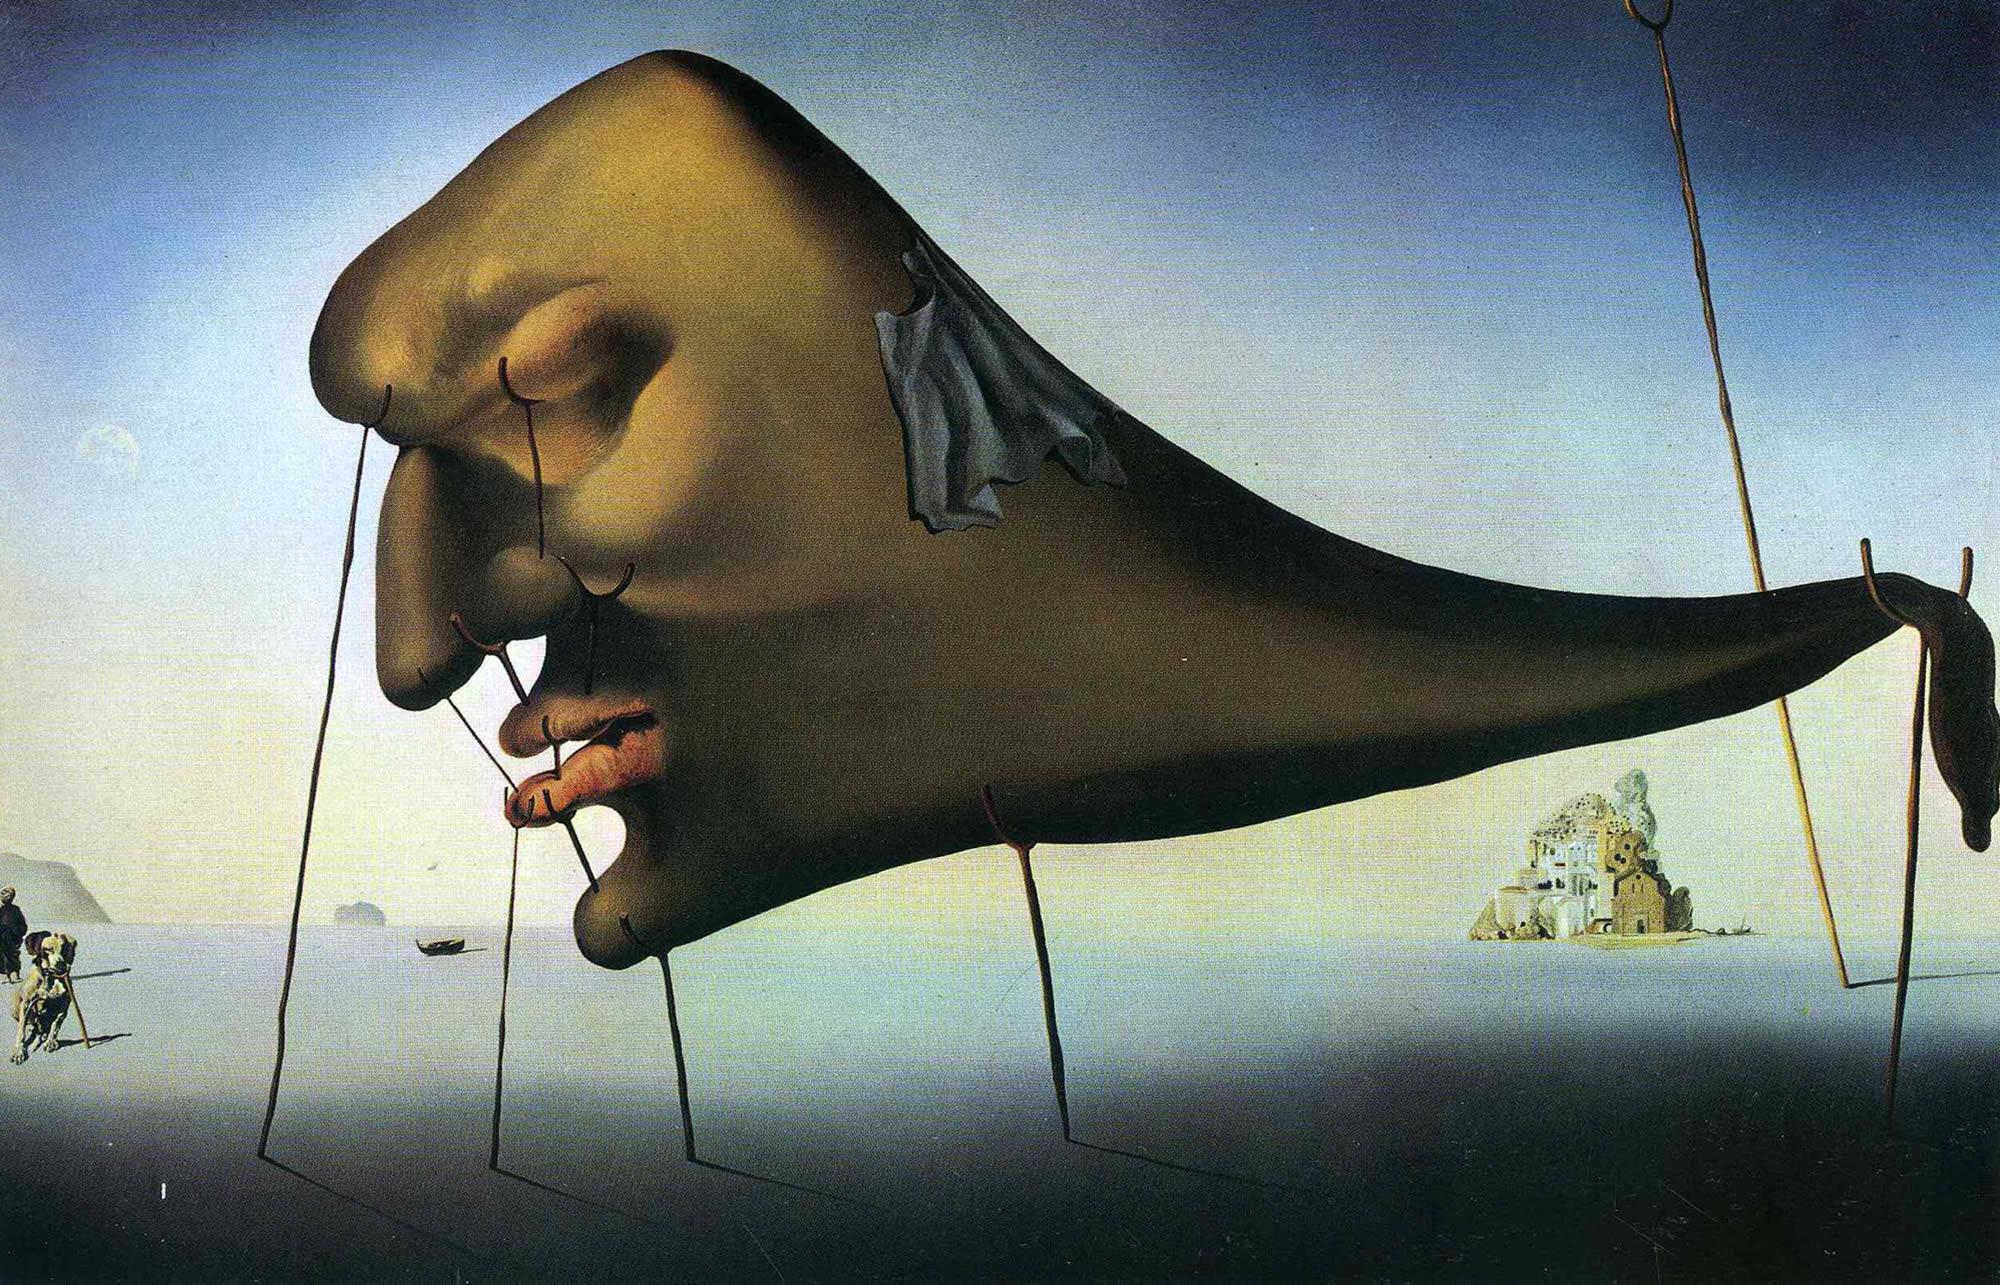 Salvador Dalí: représentation de la guerre (prolongement du cours de Littérature espagnole de Tle du 20/09/18)